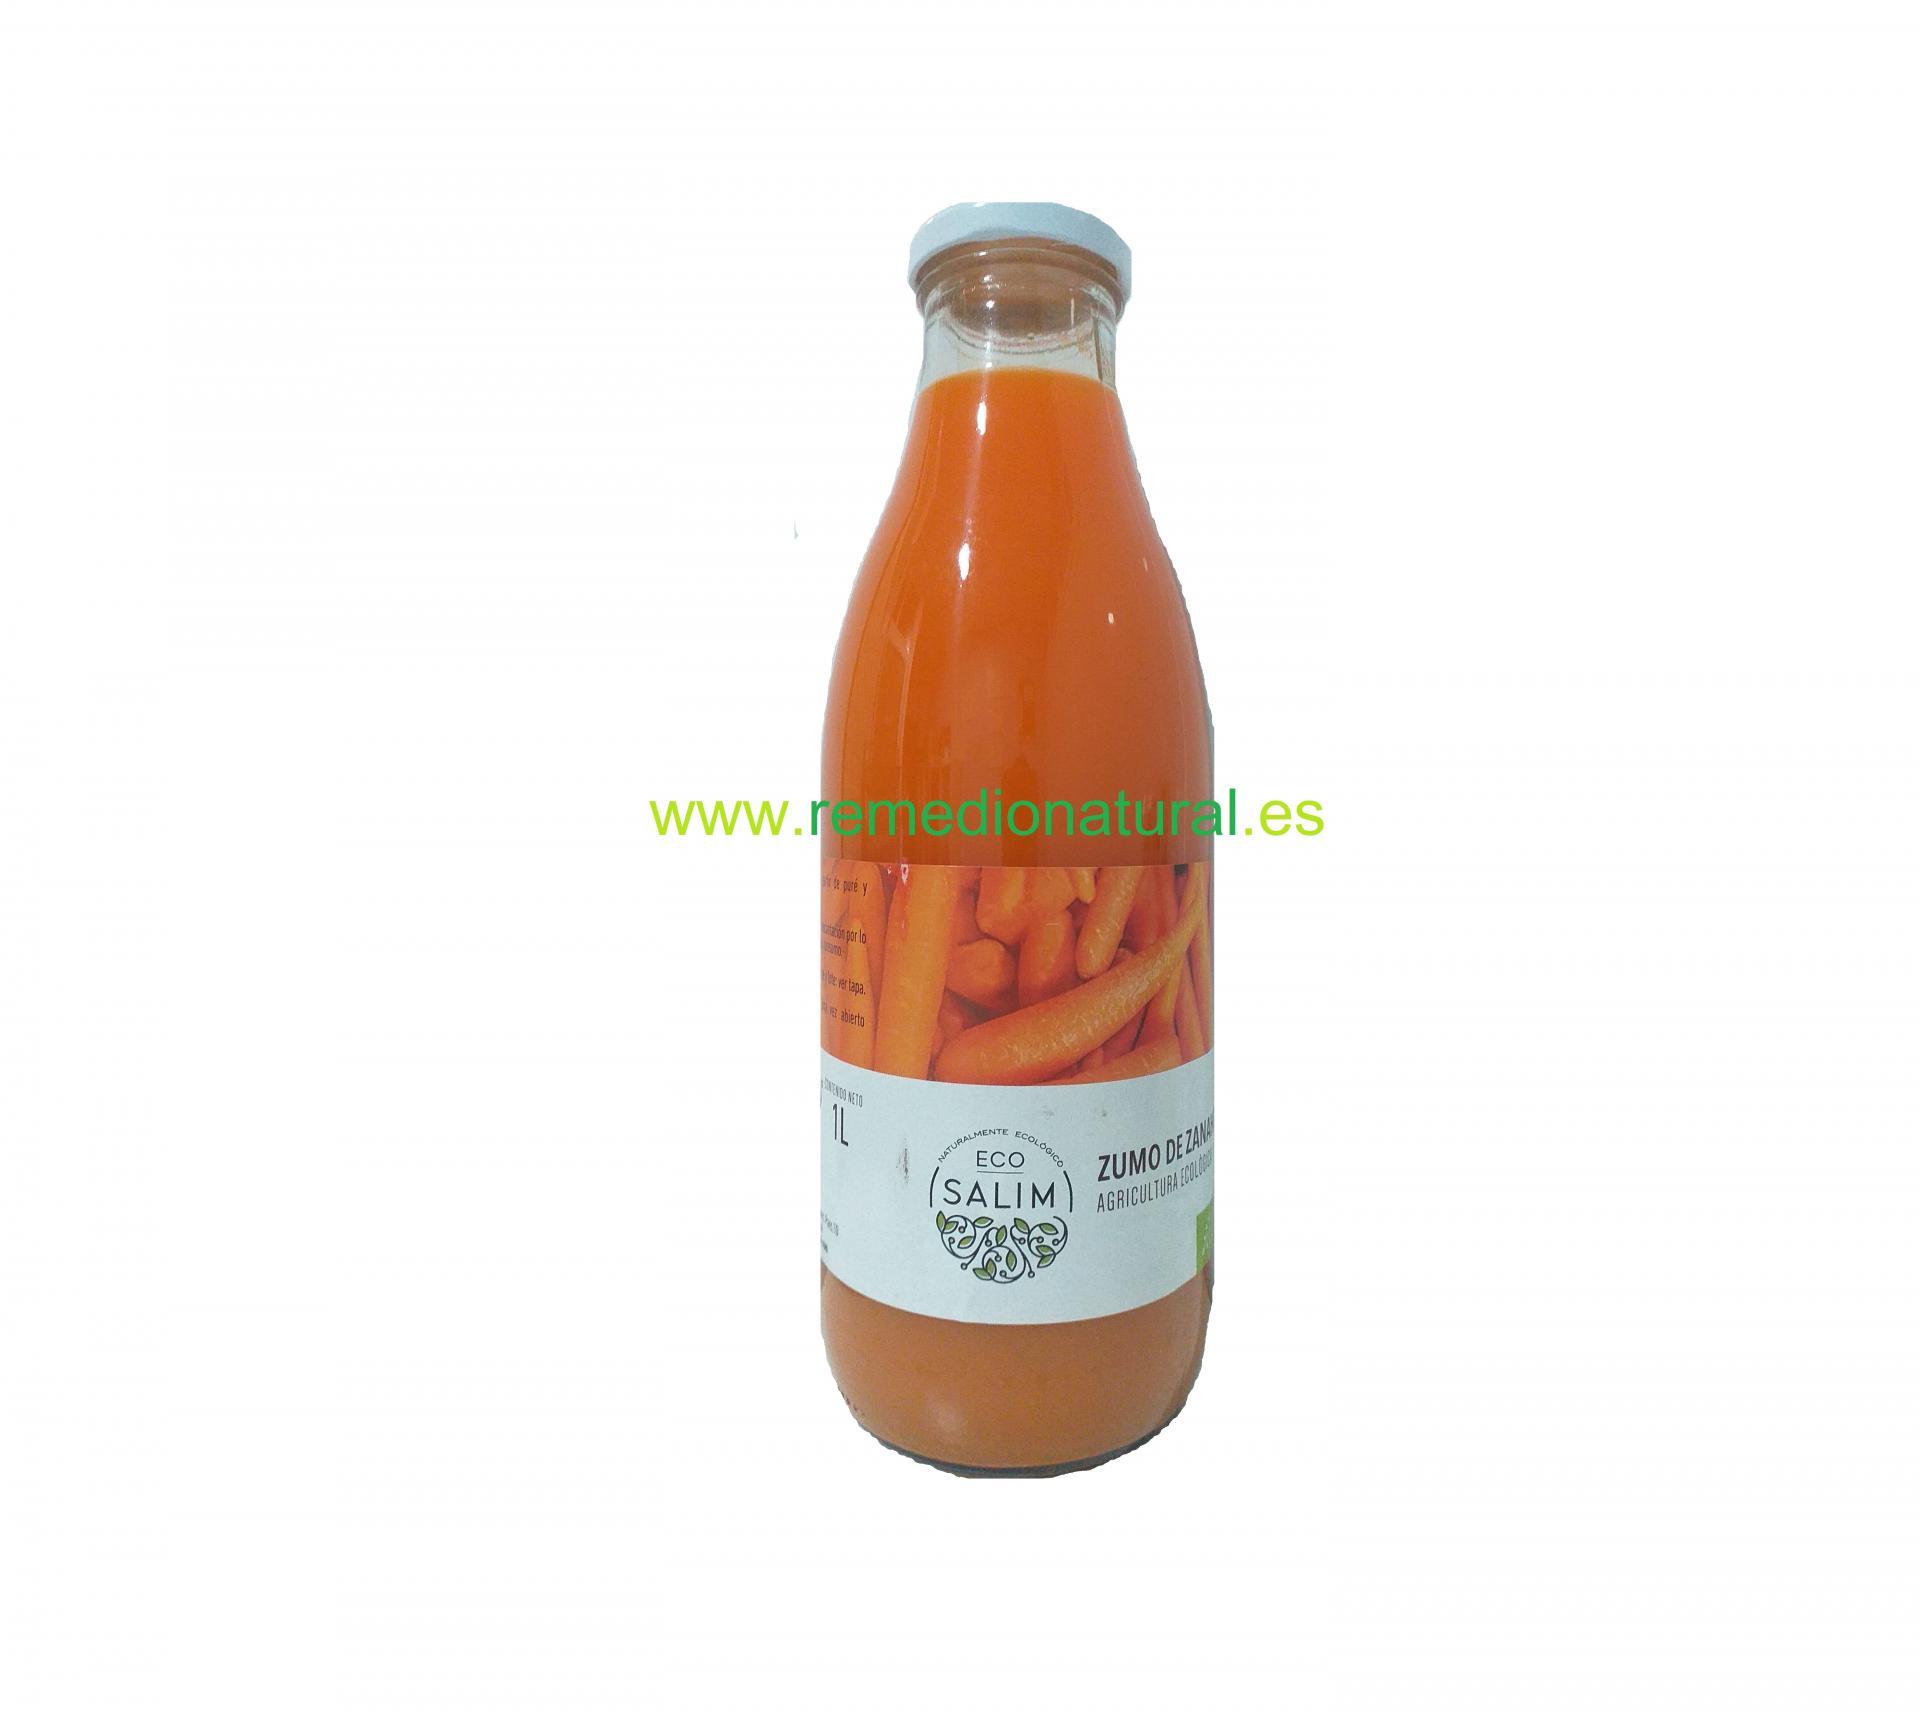 Zumo de Zanahoria Eco 1L.